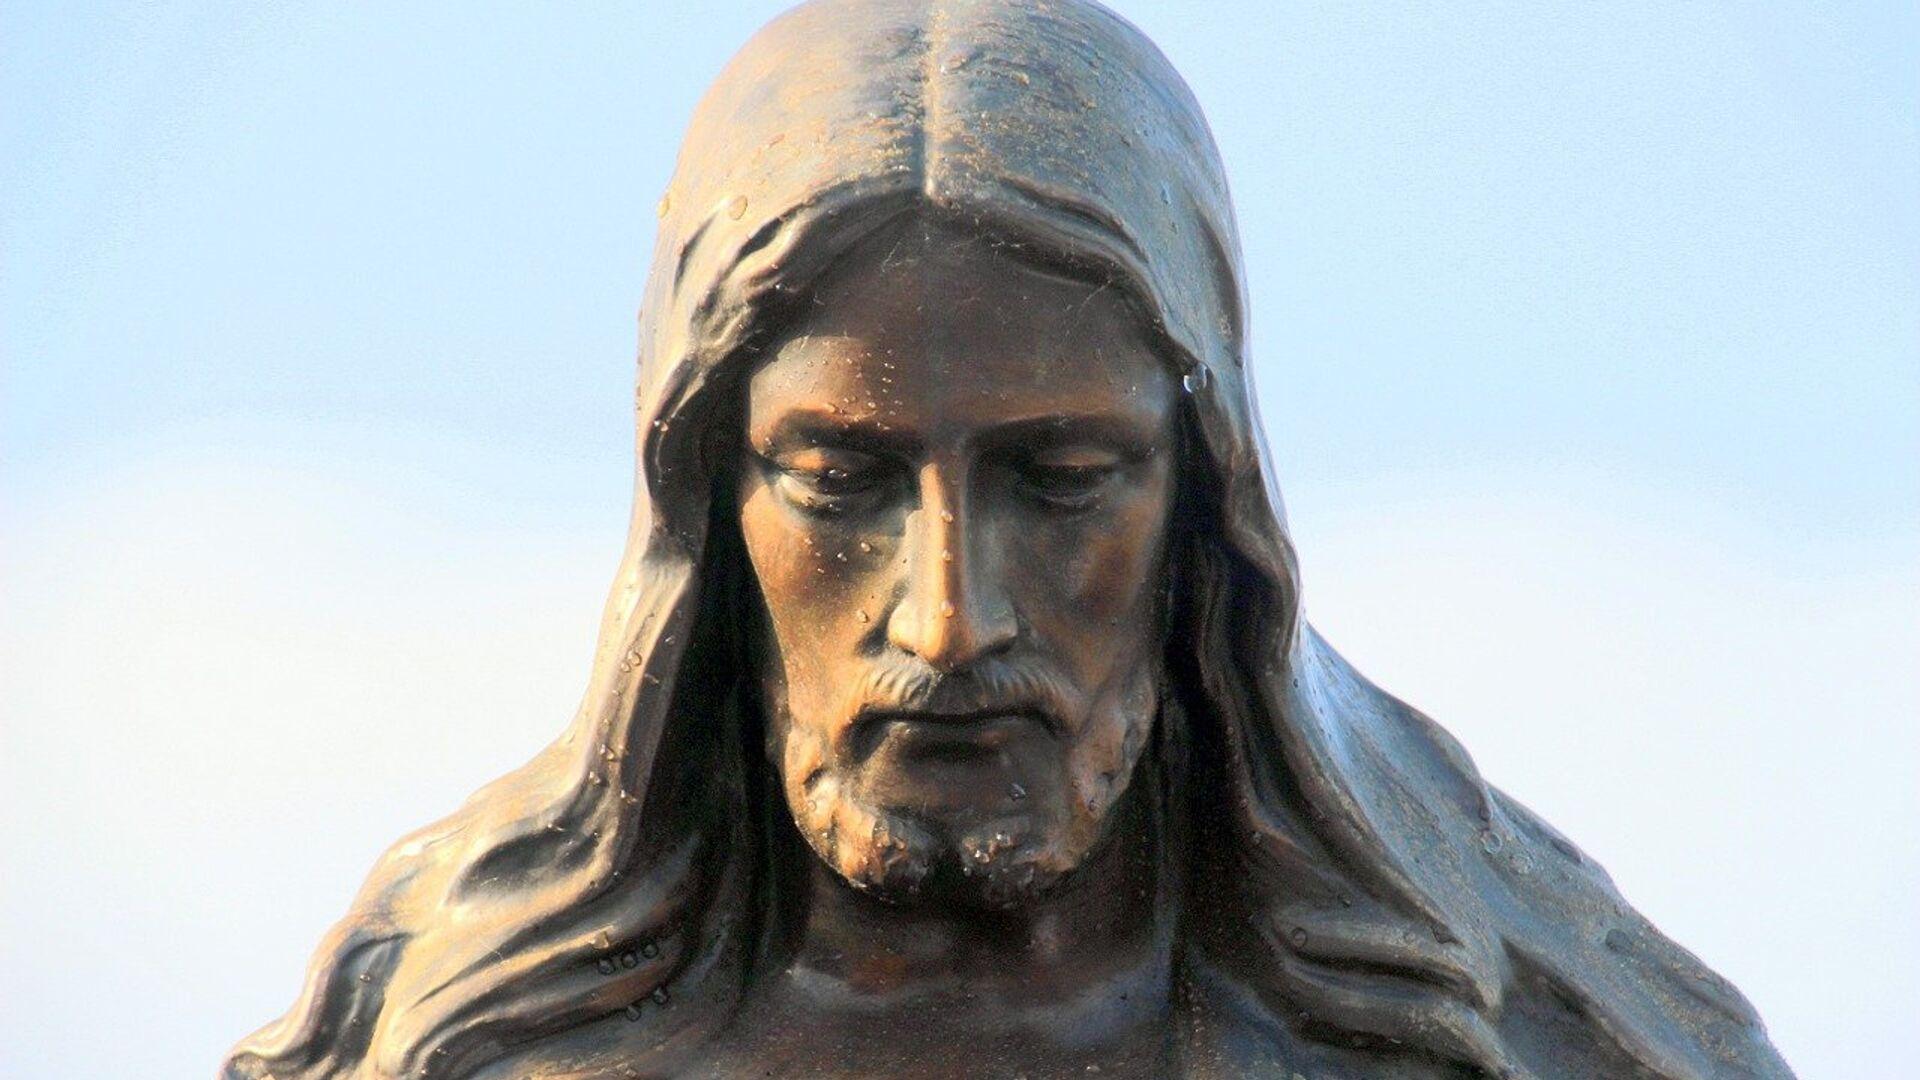 Ιησούς Χριστός.  - Sputnik Ελλάδα, 1920, 25.09.2021